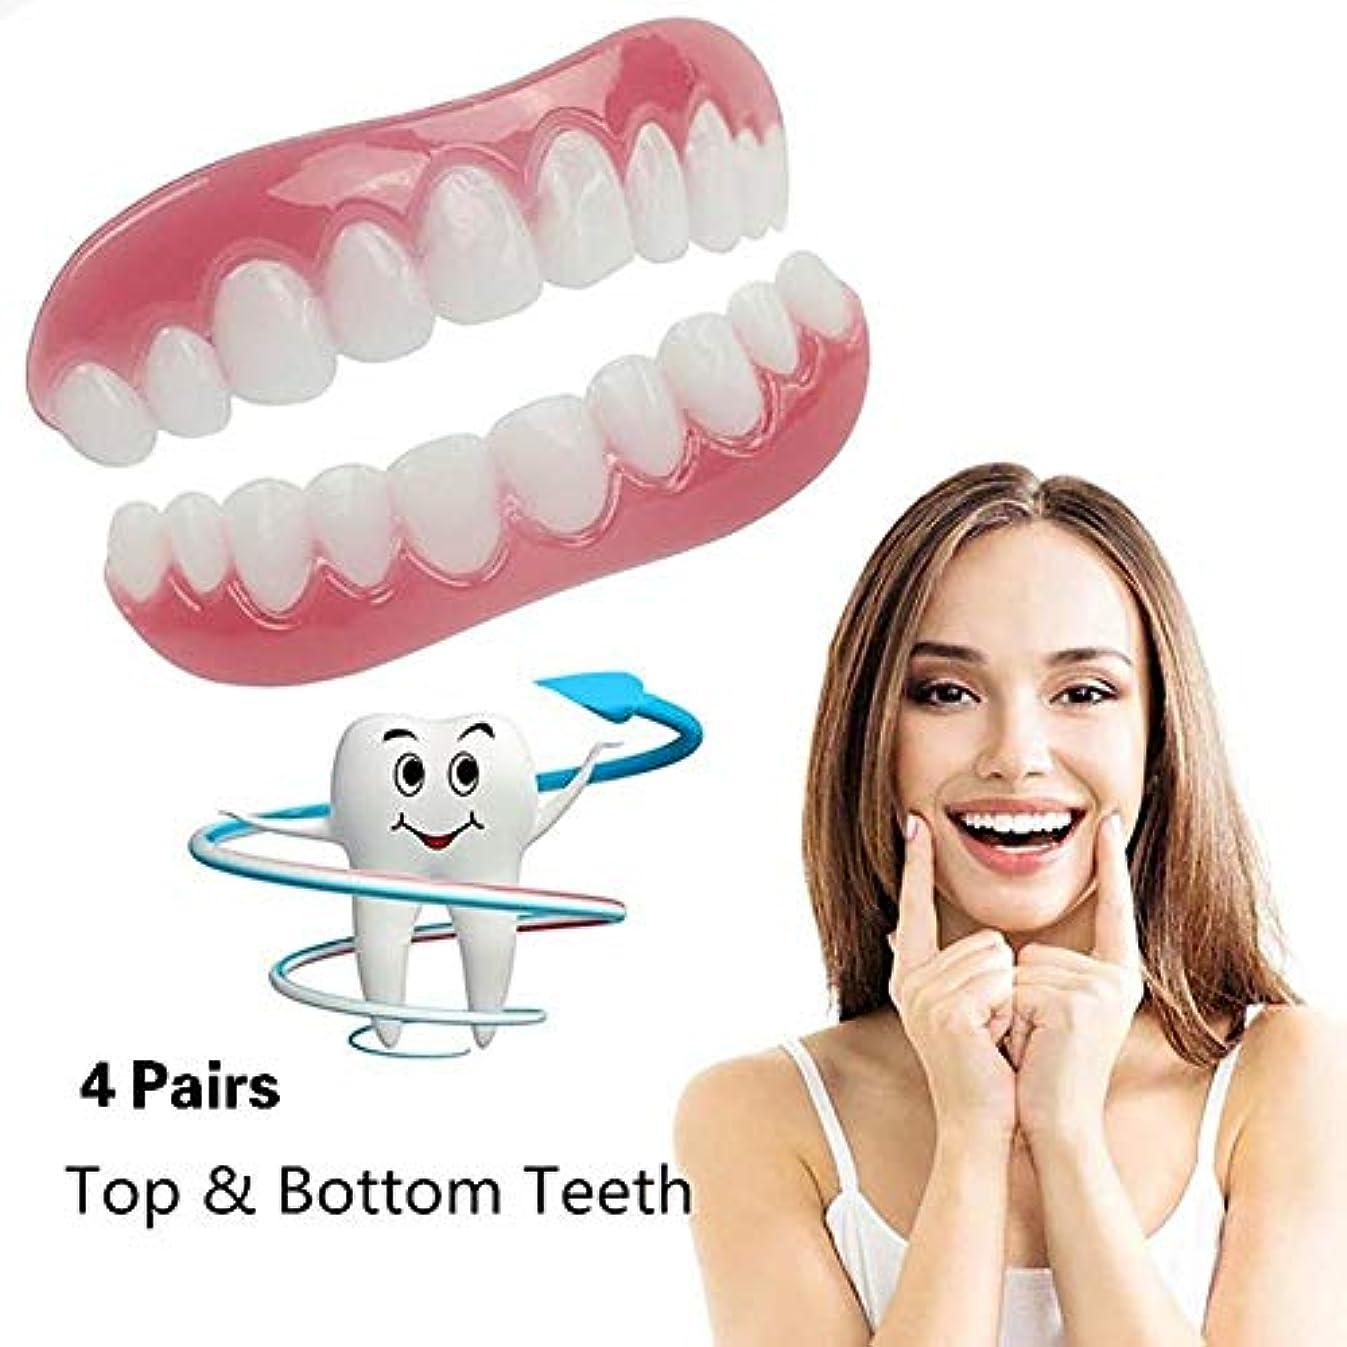 入植者麻痺ピザシリコーンの歯のベニヤ化粧品の歯のスナップのしっかりとした上部の低い屈曲の歯科ベニヤ義歯のケアを白くする完全な歯1つのサイズに収まるすべて